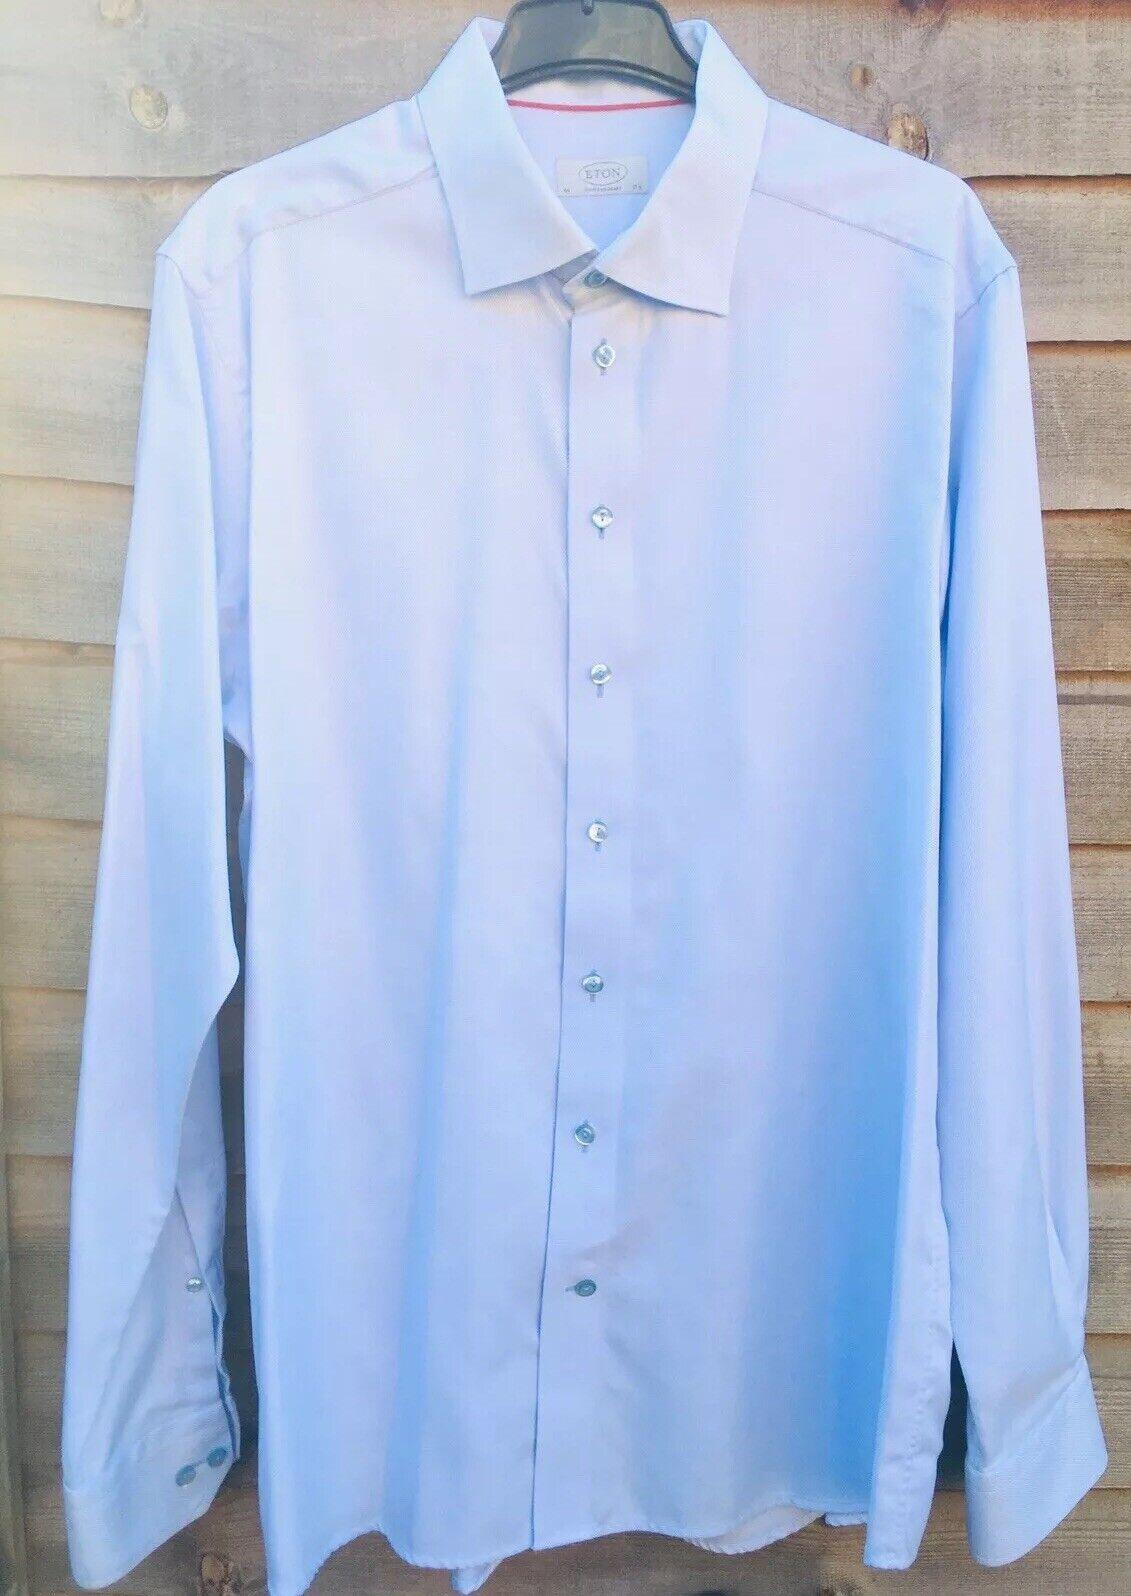 Eton contemporanea Plain Azzurro Uomo Smart Camicia Abito Maniche Lunghe 17,5  44